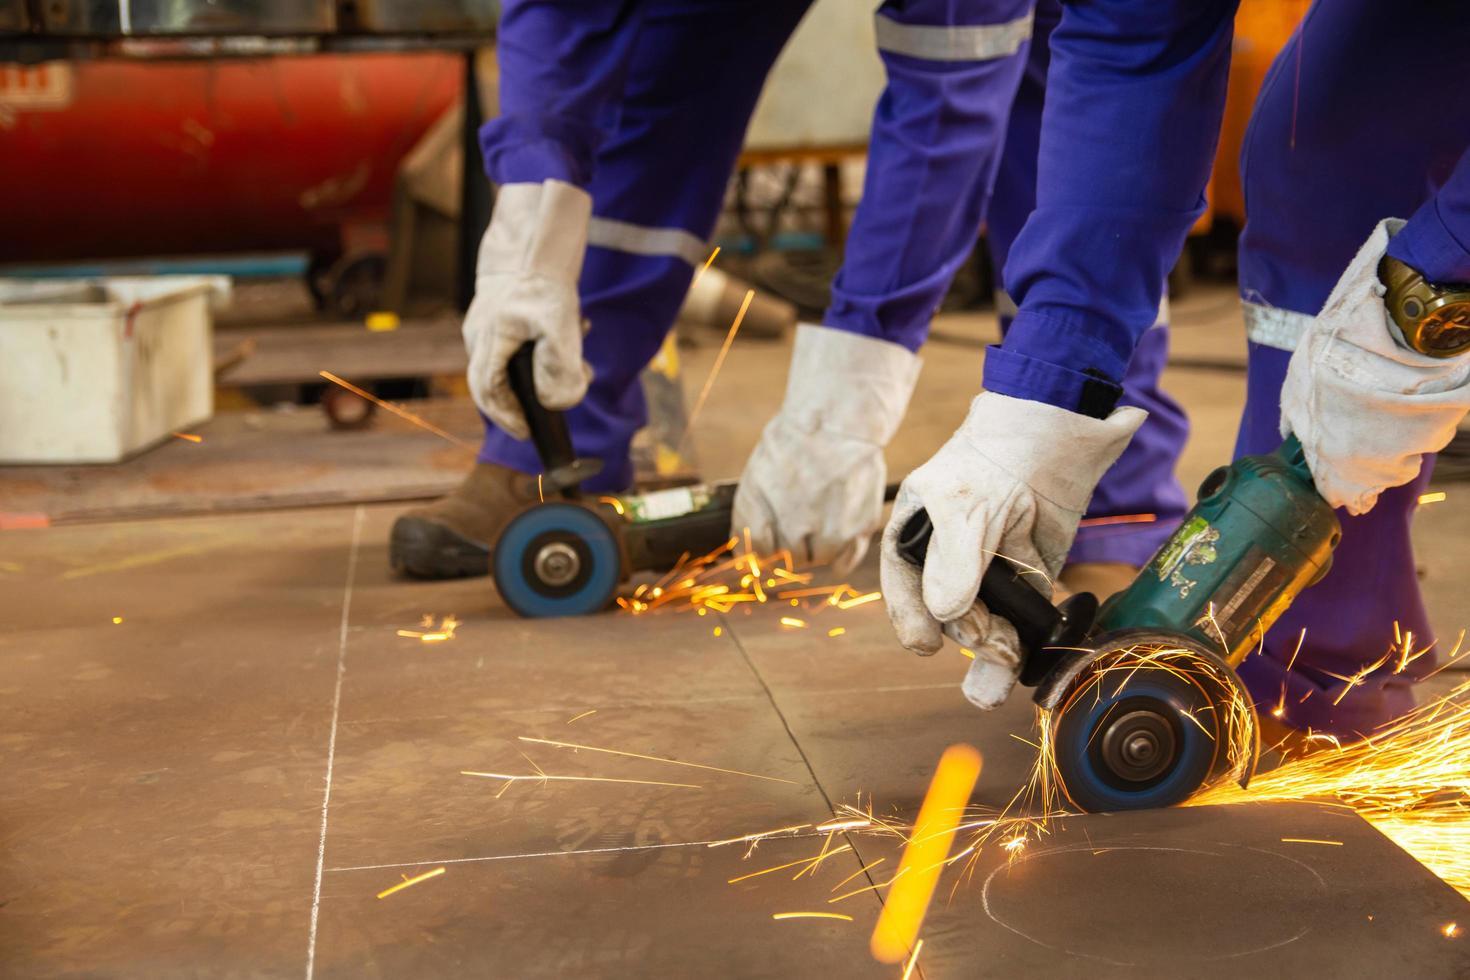 deux travailleurs coupent des tôles avec une meuleuse électrique photo